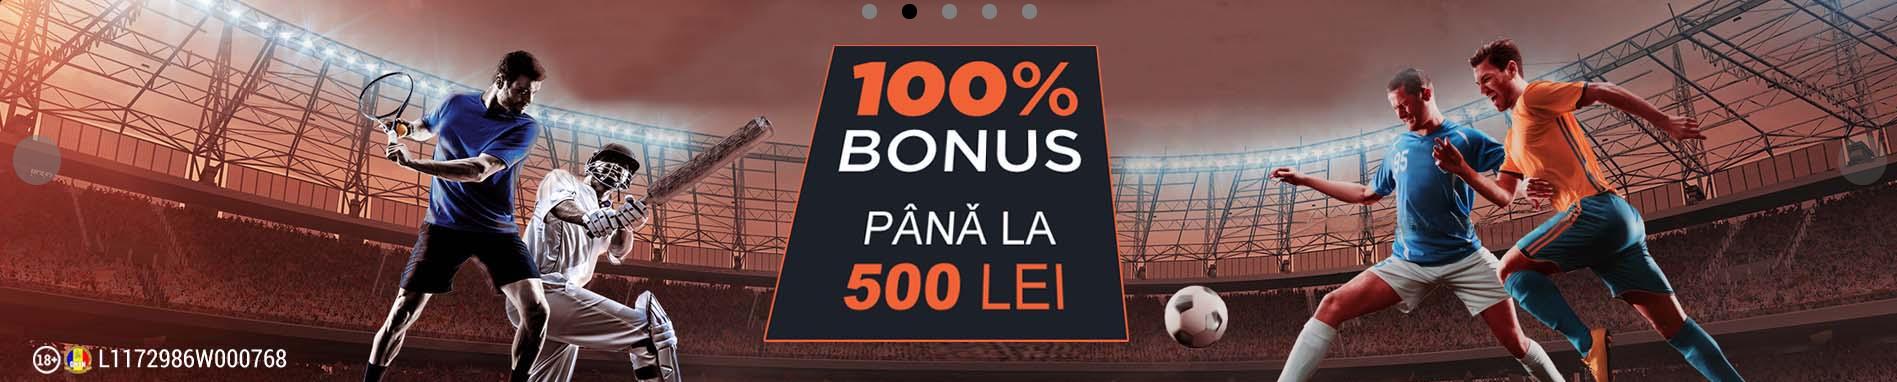 bonus 100% pana la 500 ron la publicwin